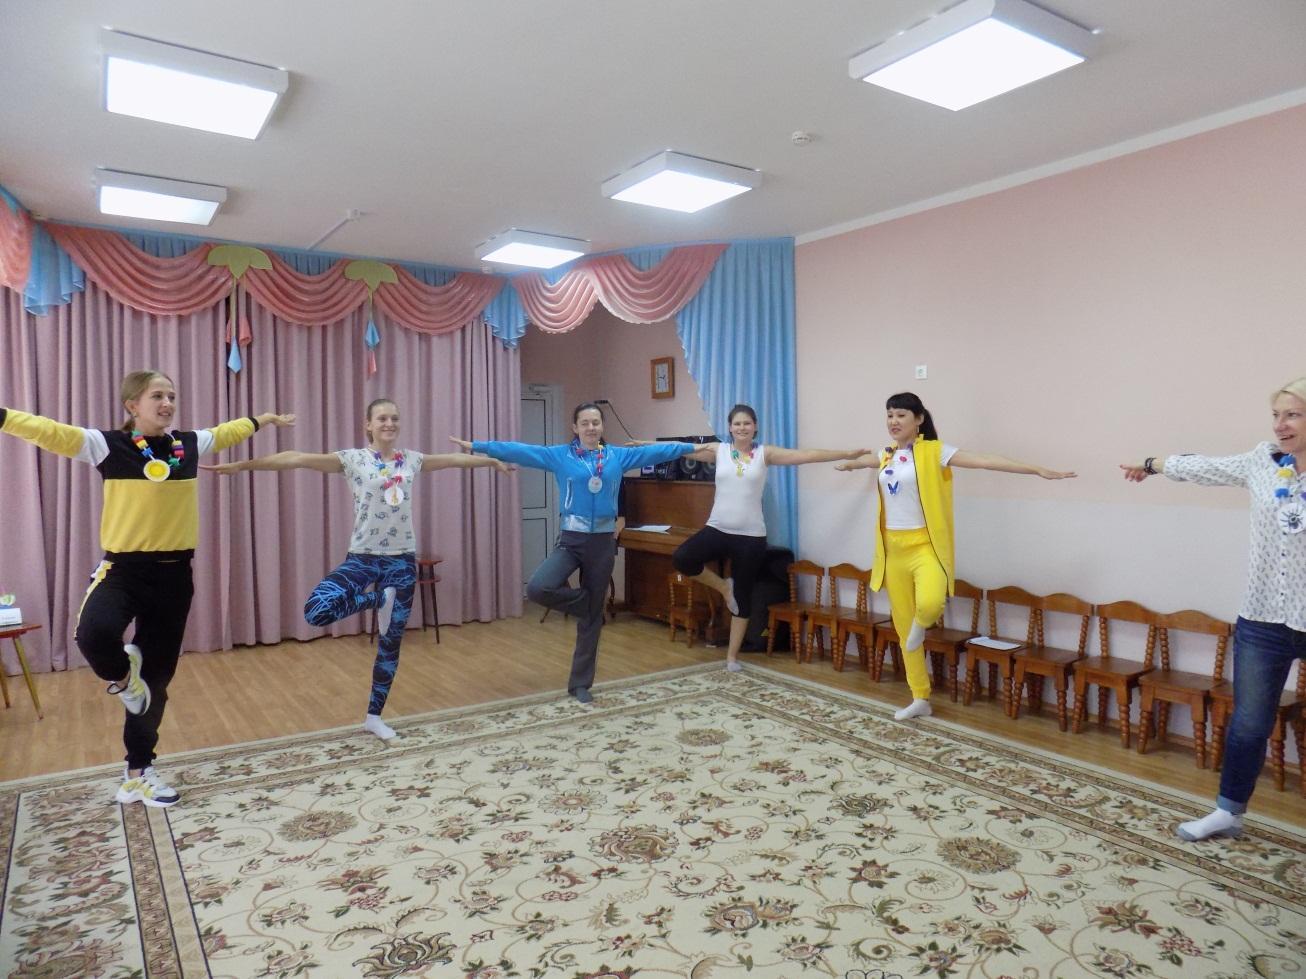 F:\НОВОСТИ НА САЙТ\новость мастер класс\DSCN7159.JPG